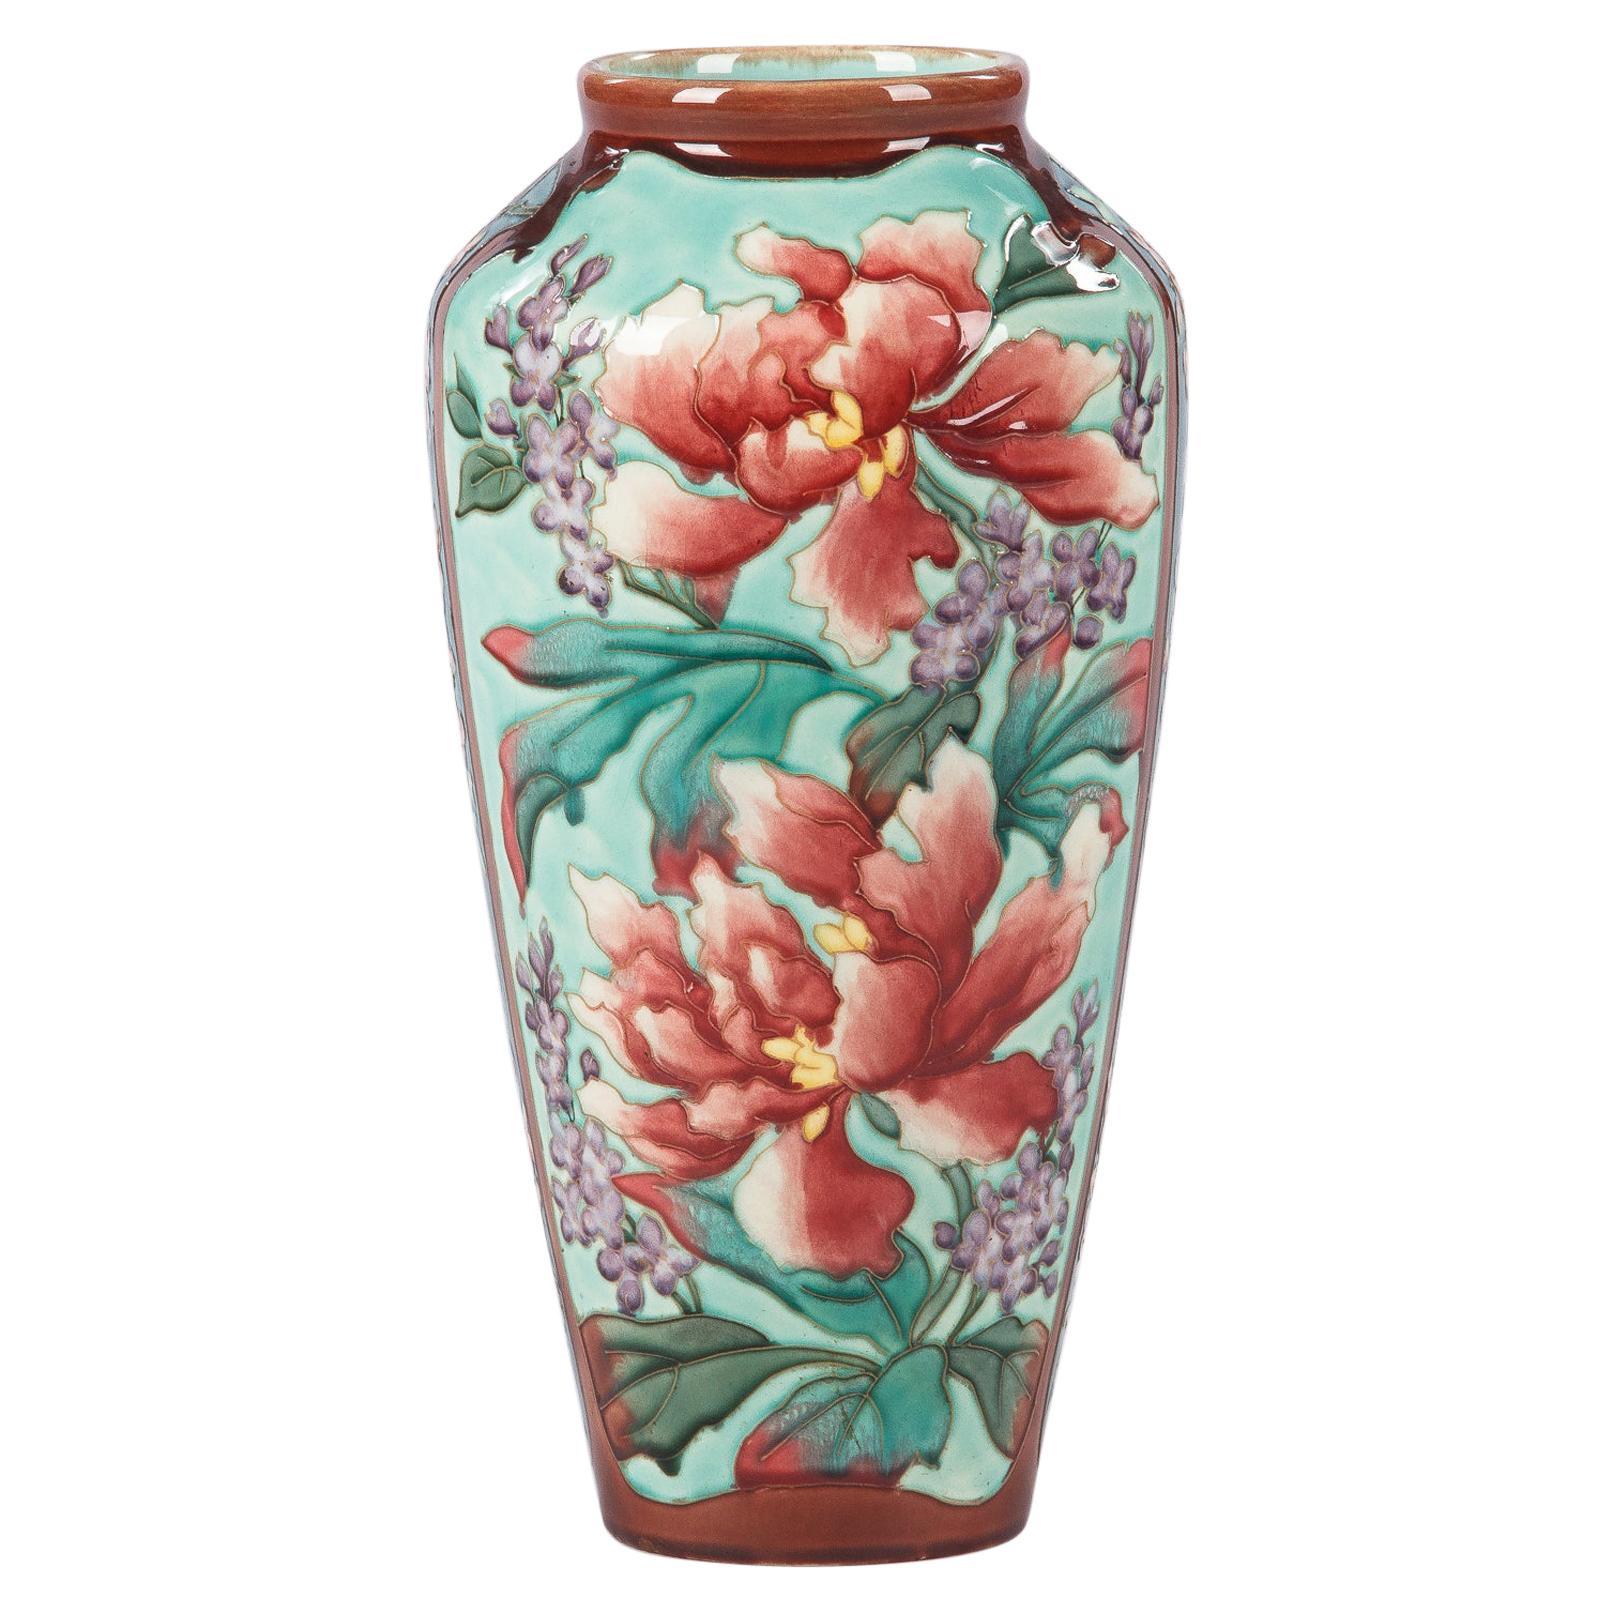 French Longchamp Majolica Ceramic Vase, 1900s